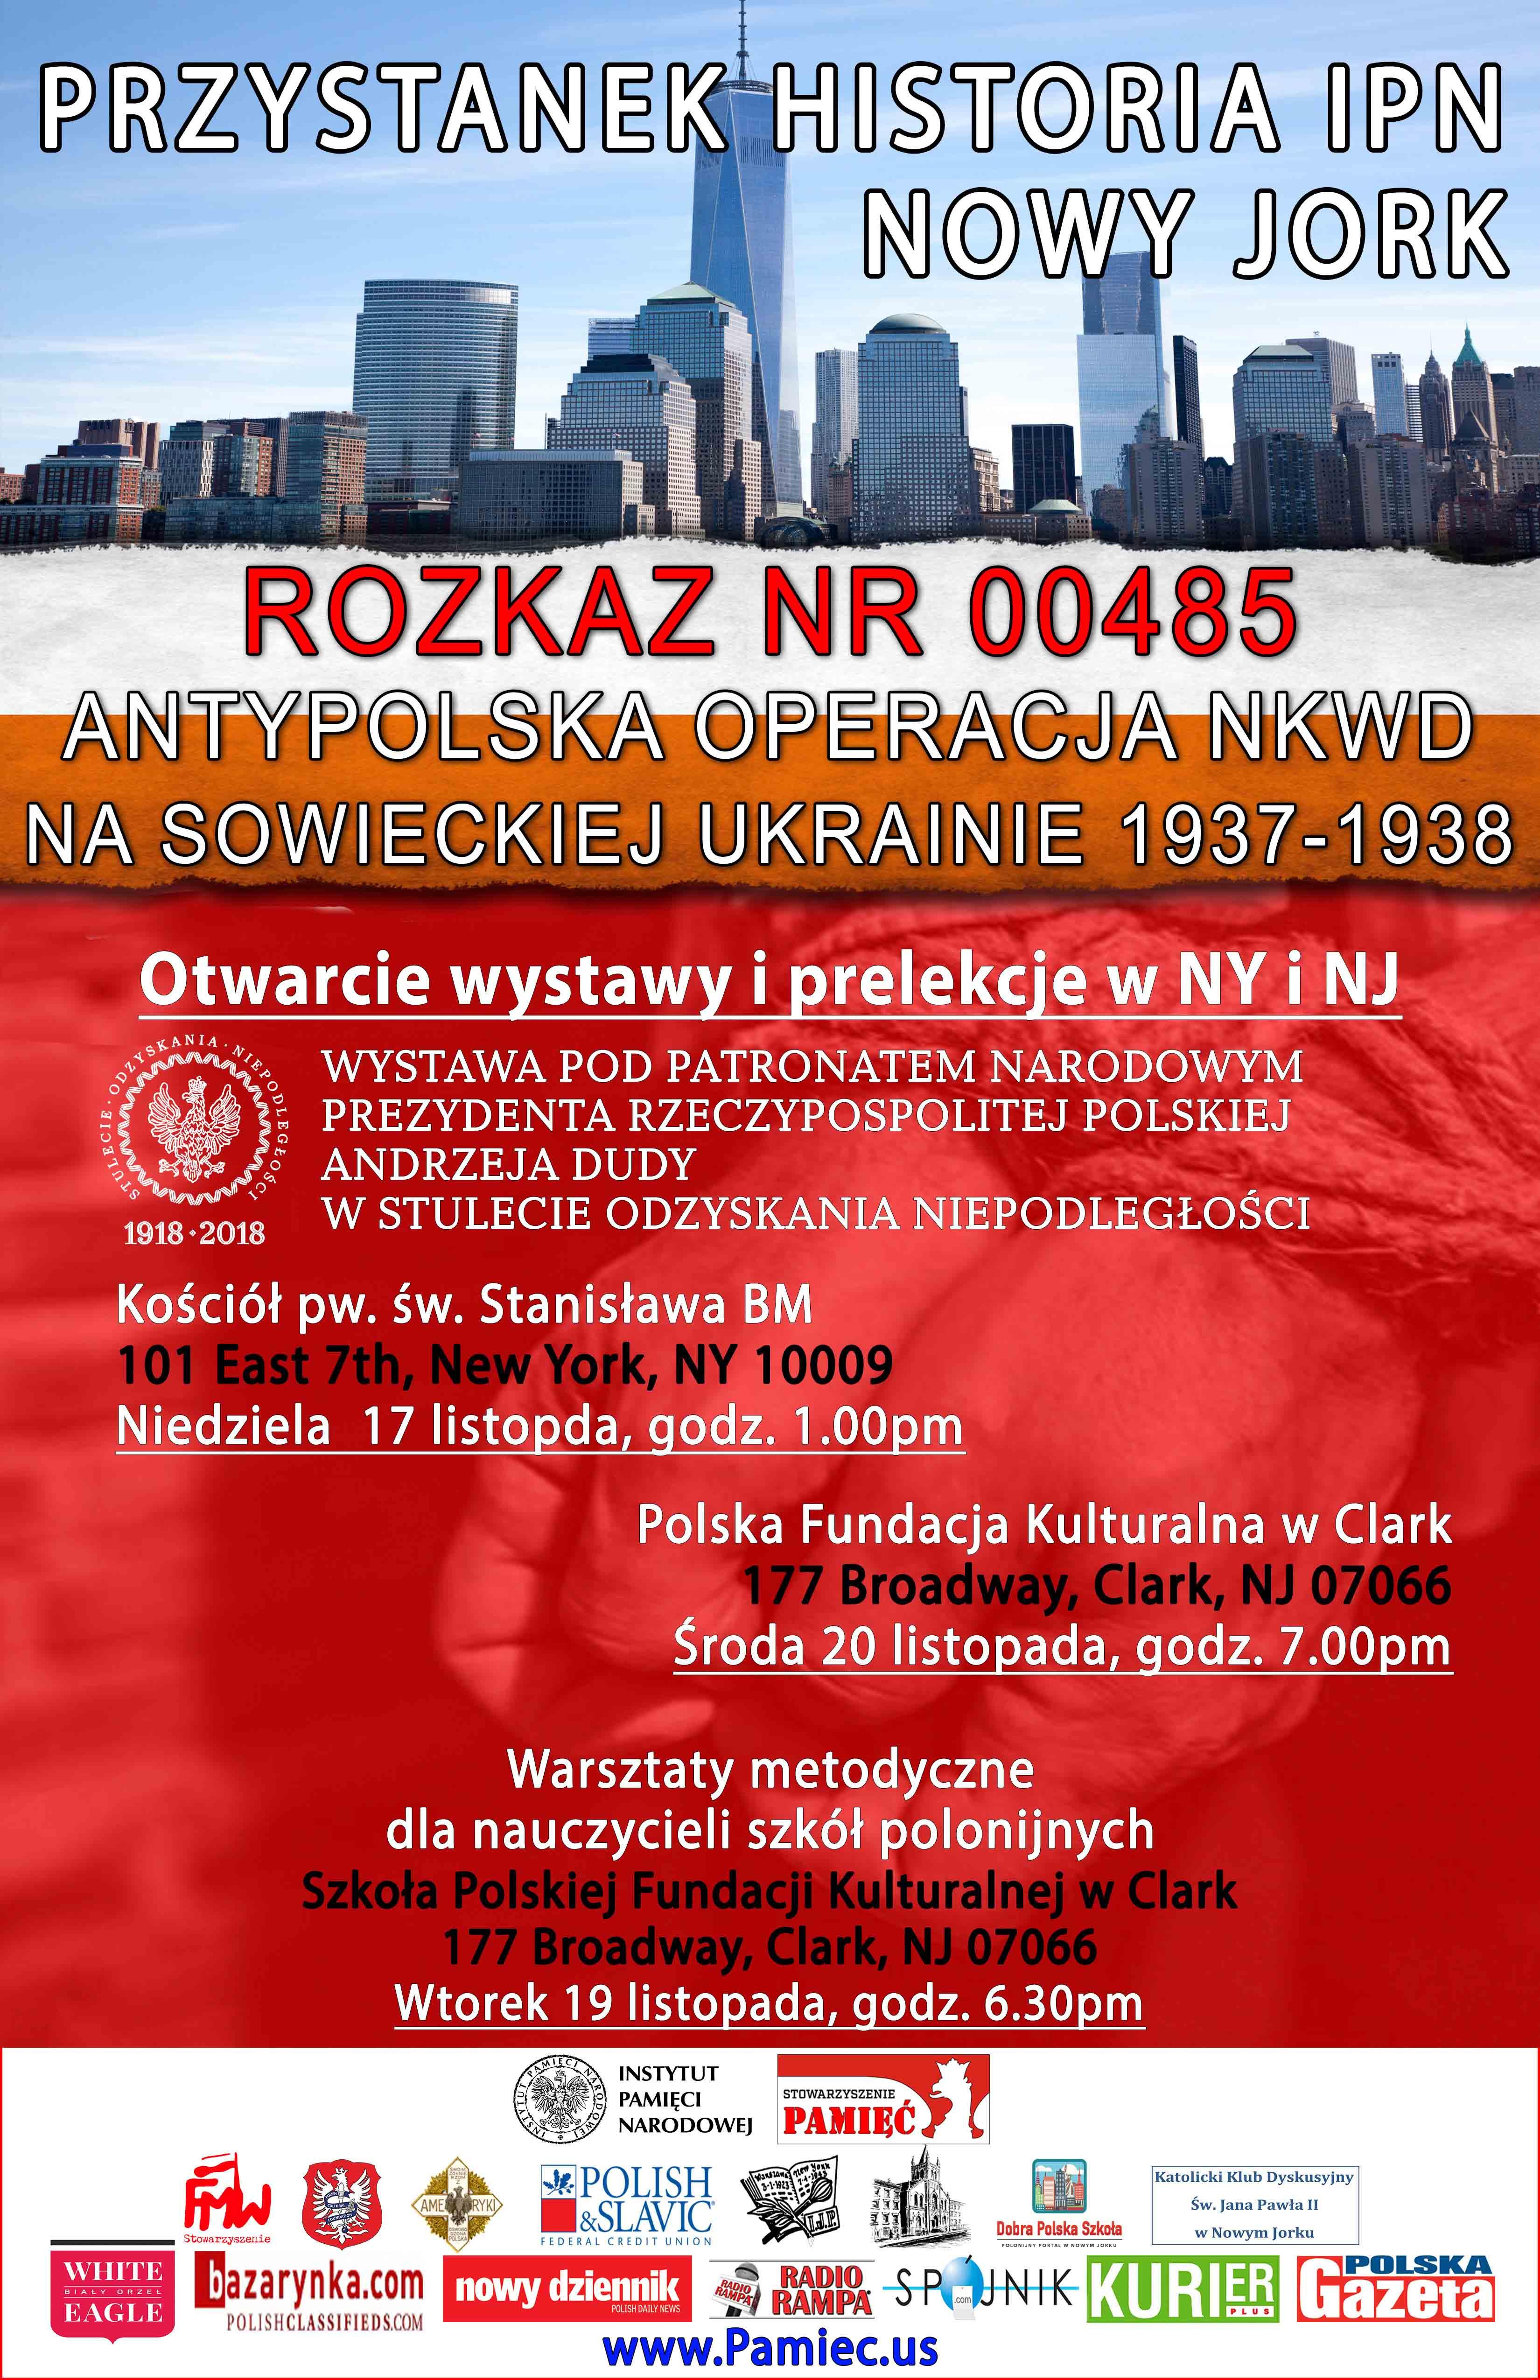 Ogłoszenie darmowe. Lokalizacja:  NY, NJ. IMPREZY - Prelekcje. 8 Edycja Przystanku Historia IPN.